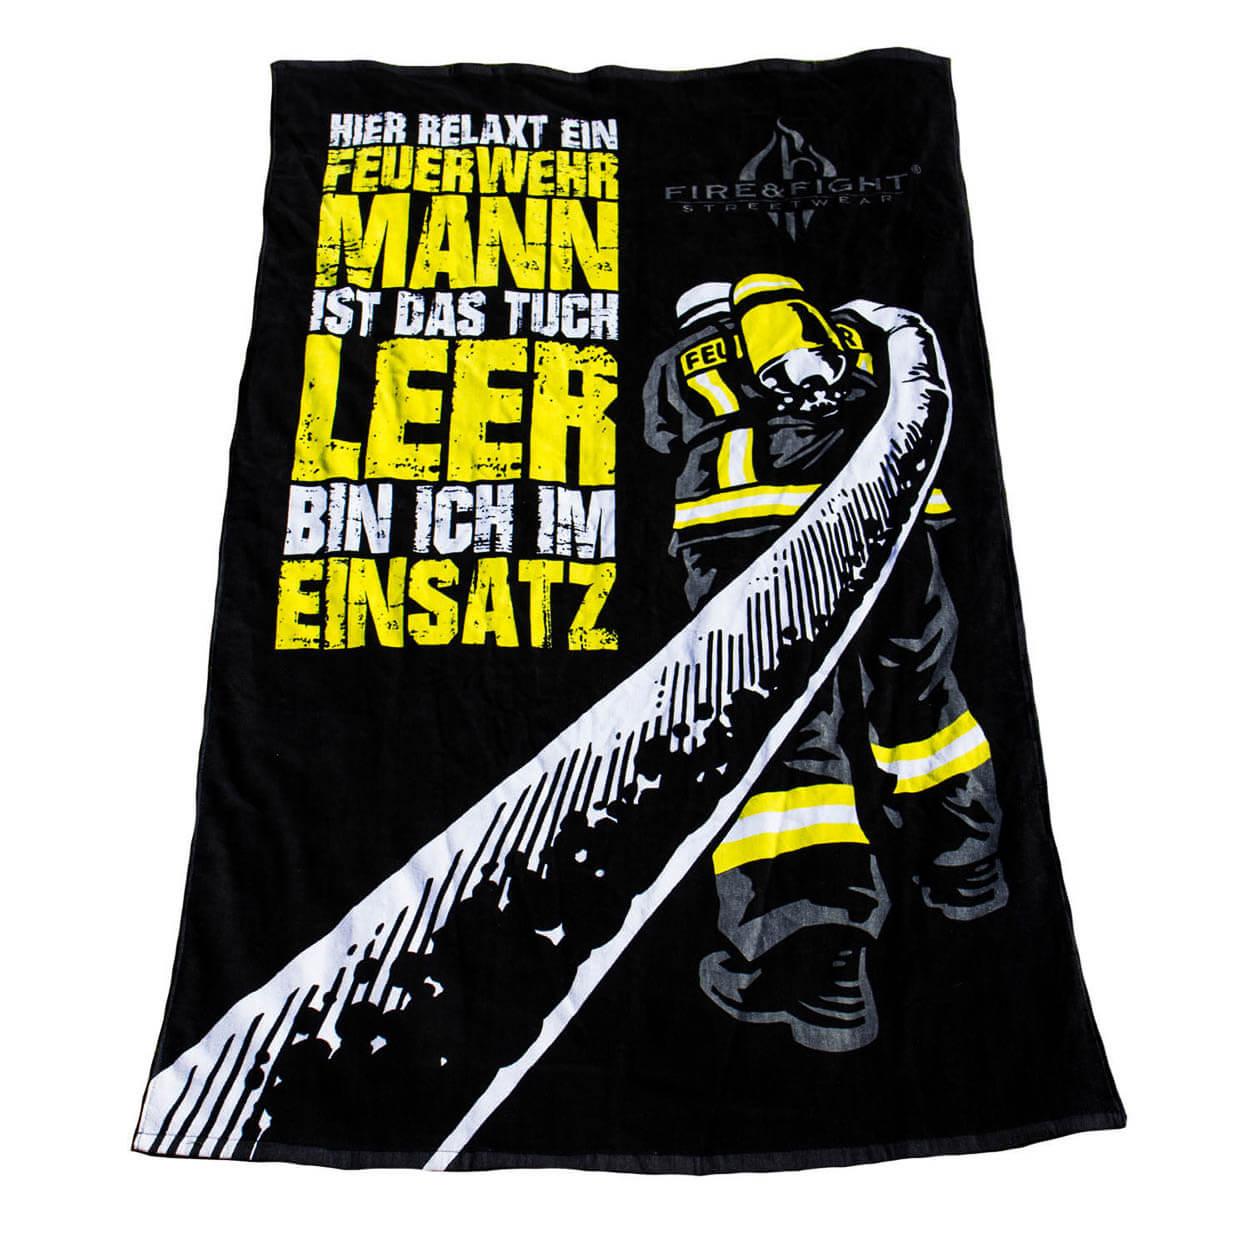 Hier relaxt ein Feuerwehrmann - Oversize Strandtuch